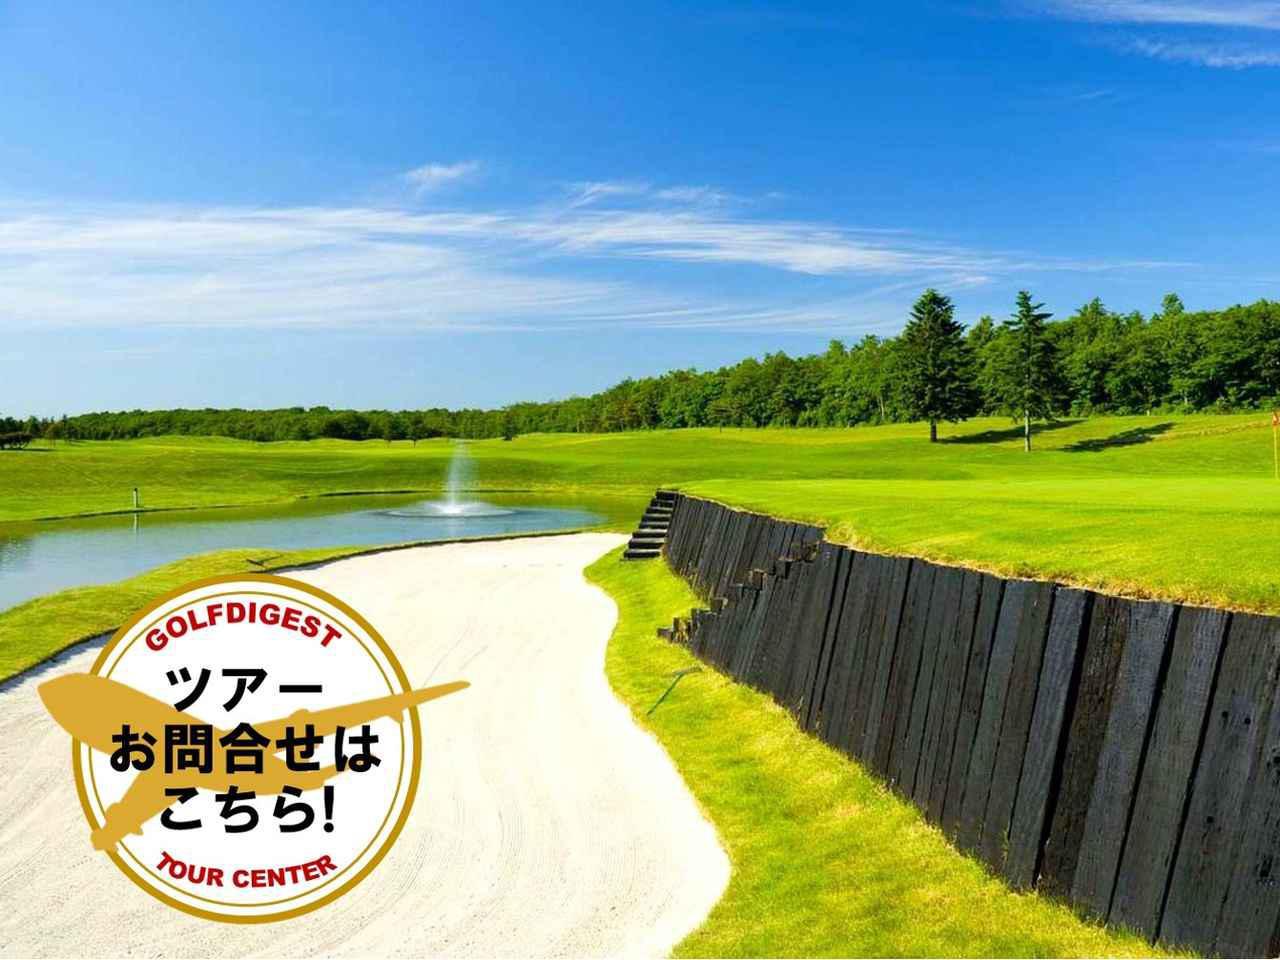 画像: 【北海道・日程限定】すすきの宿泊、ザ・ノースカントリーと御前水GCでゴルフ 2日間 2プレー(一人予約可能/抽選で無料宿泊券プレゼント/送迎付き) - ゴルフへ行こうWEB by ゴルフダイジェスト